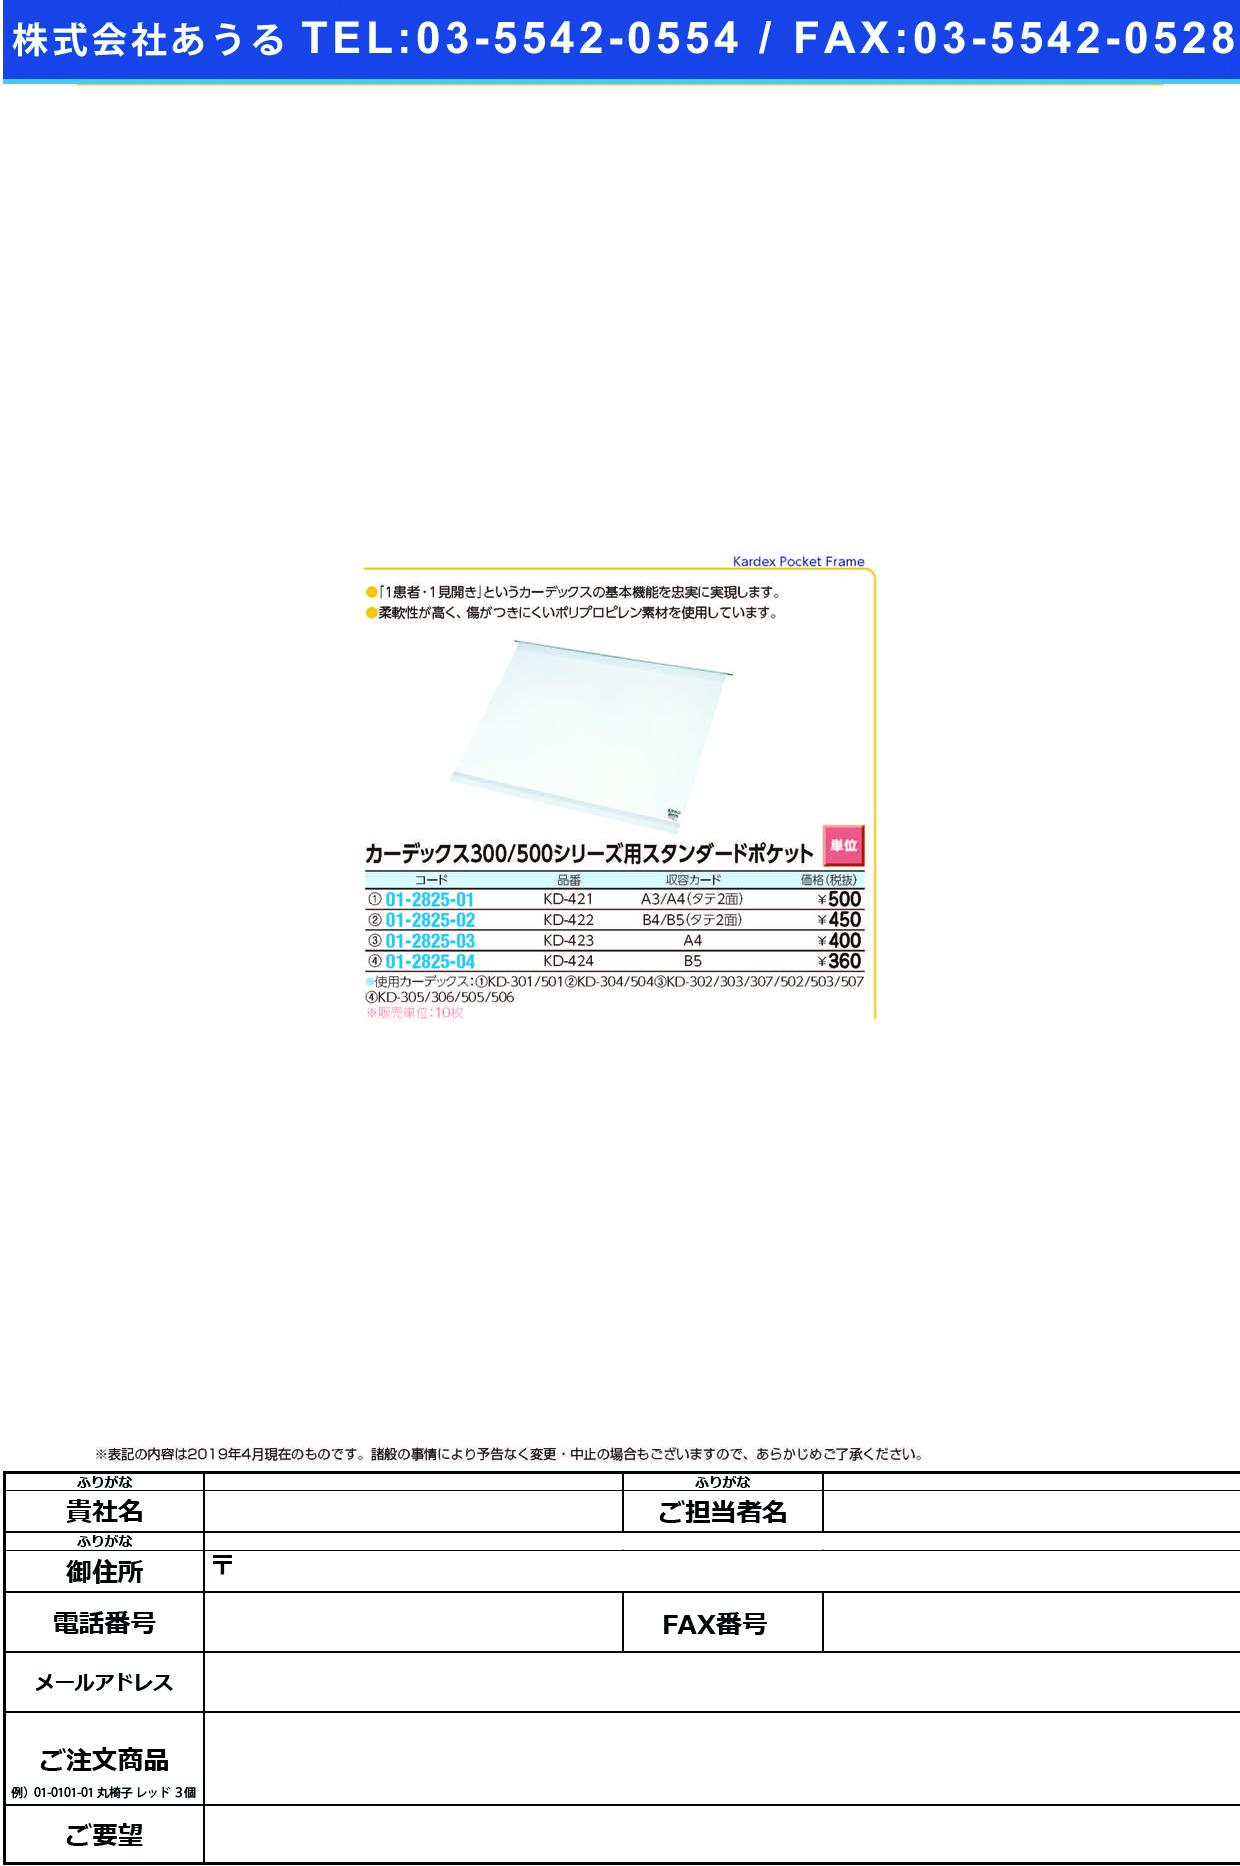 (01-2825-02)カーデックスポケット(B4/B5) KD-422 カーデックスポケット(B4/B5)(ケルン)【10枚単位】【2019年カタログ商品】